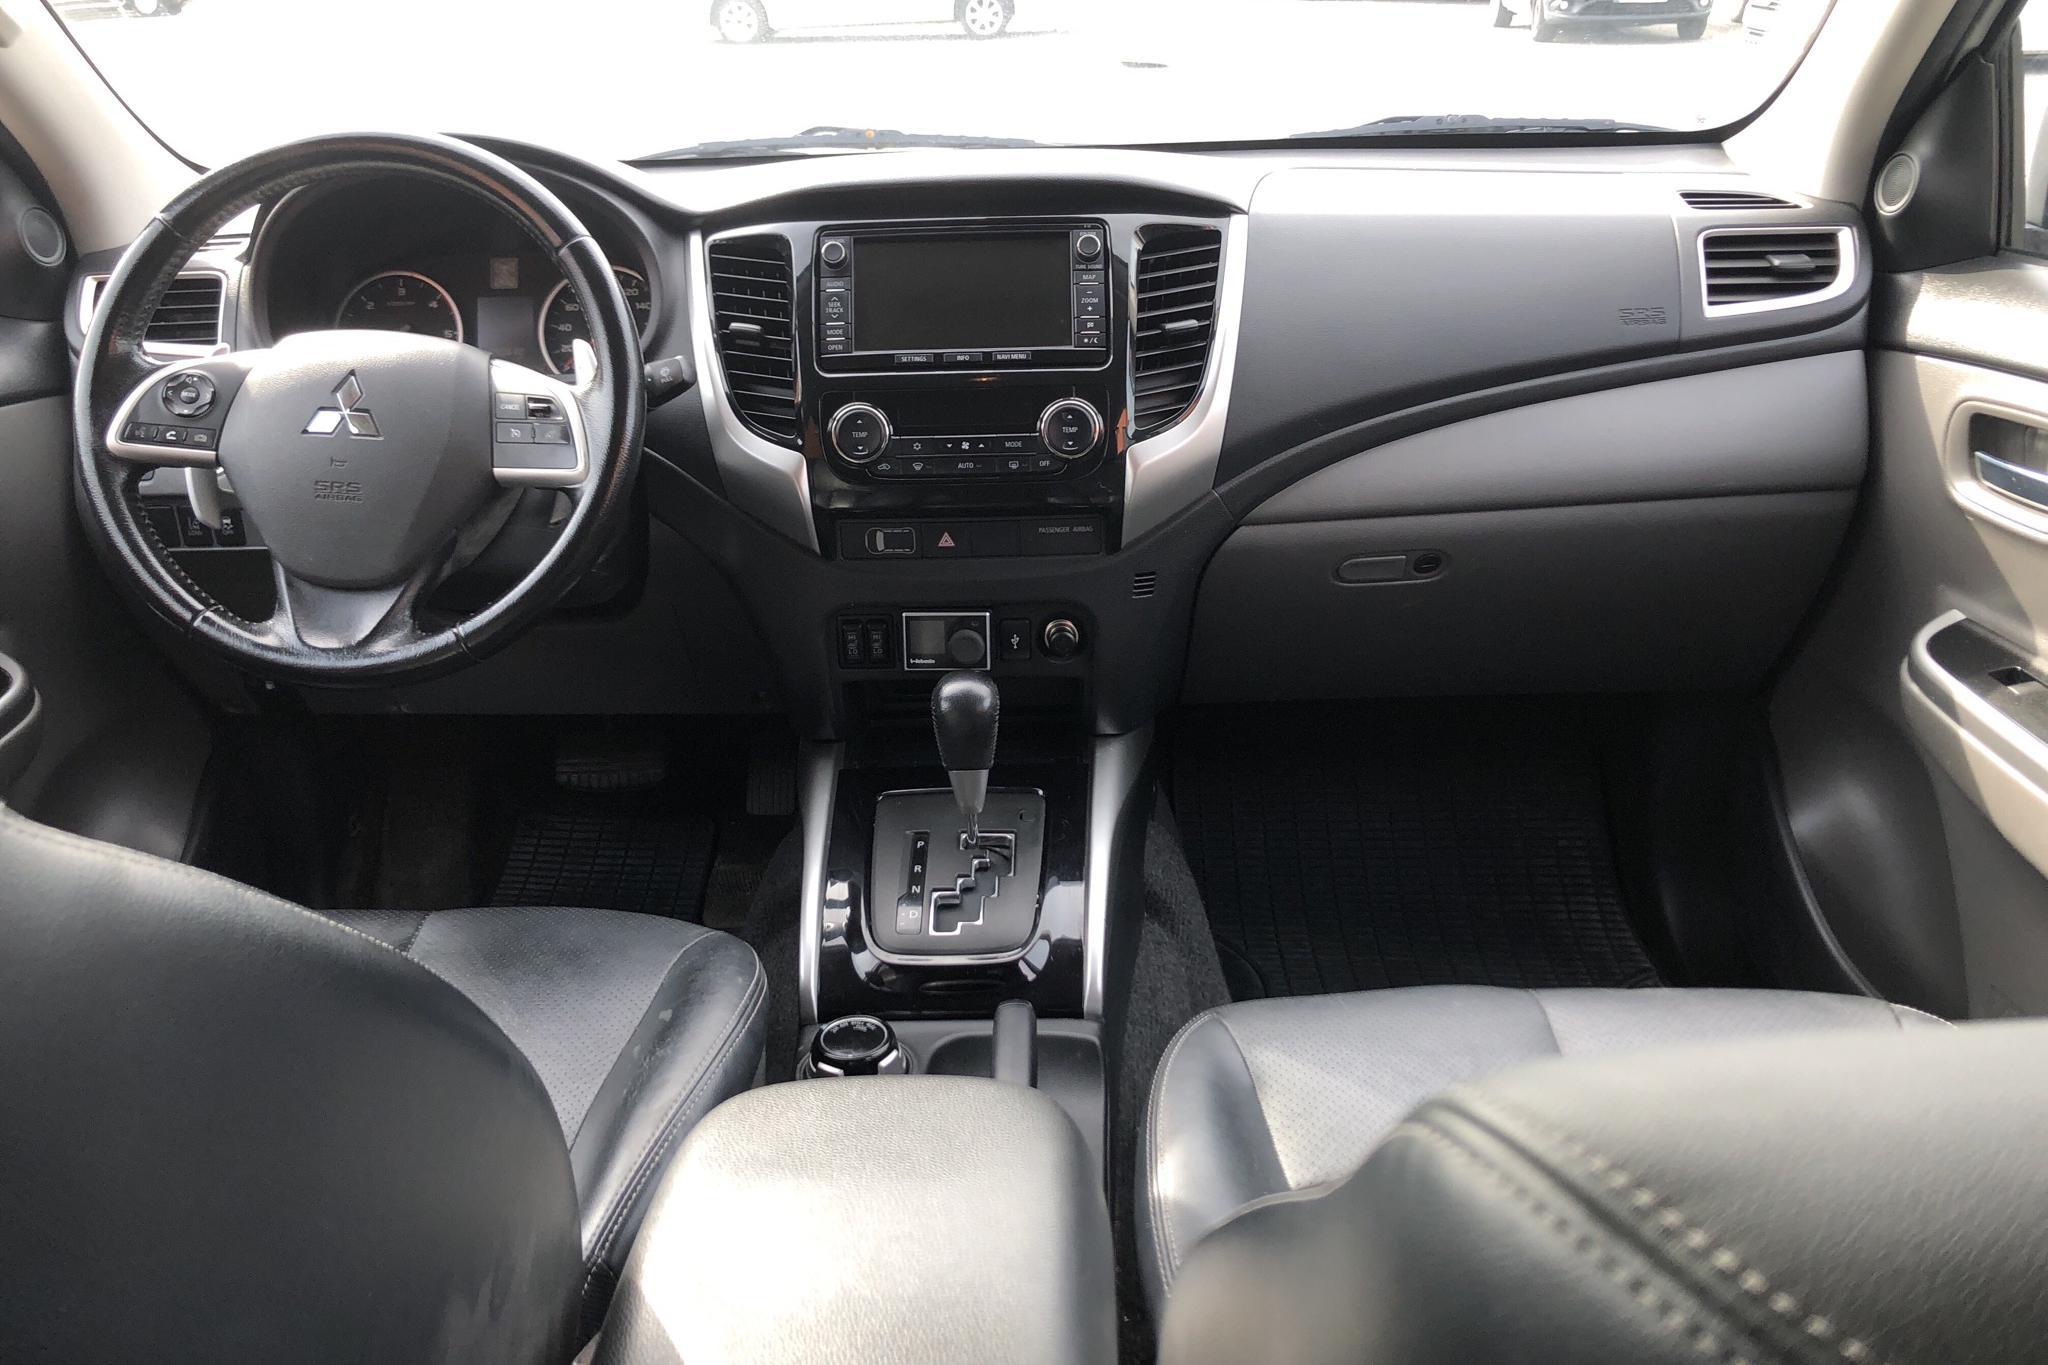 Mitsubishi L200 2.4 DI-D (181hk) - 90 620 km - Automatic - white - 2016